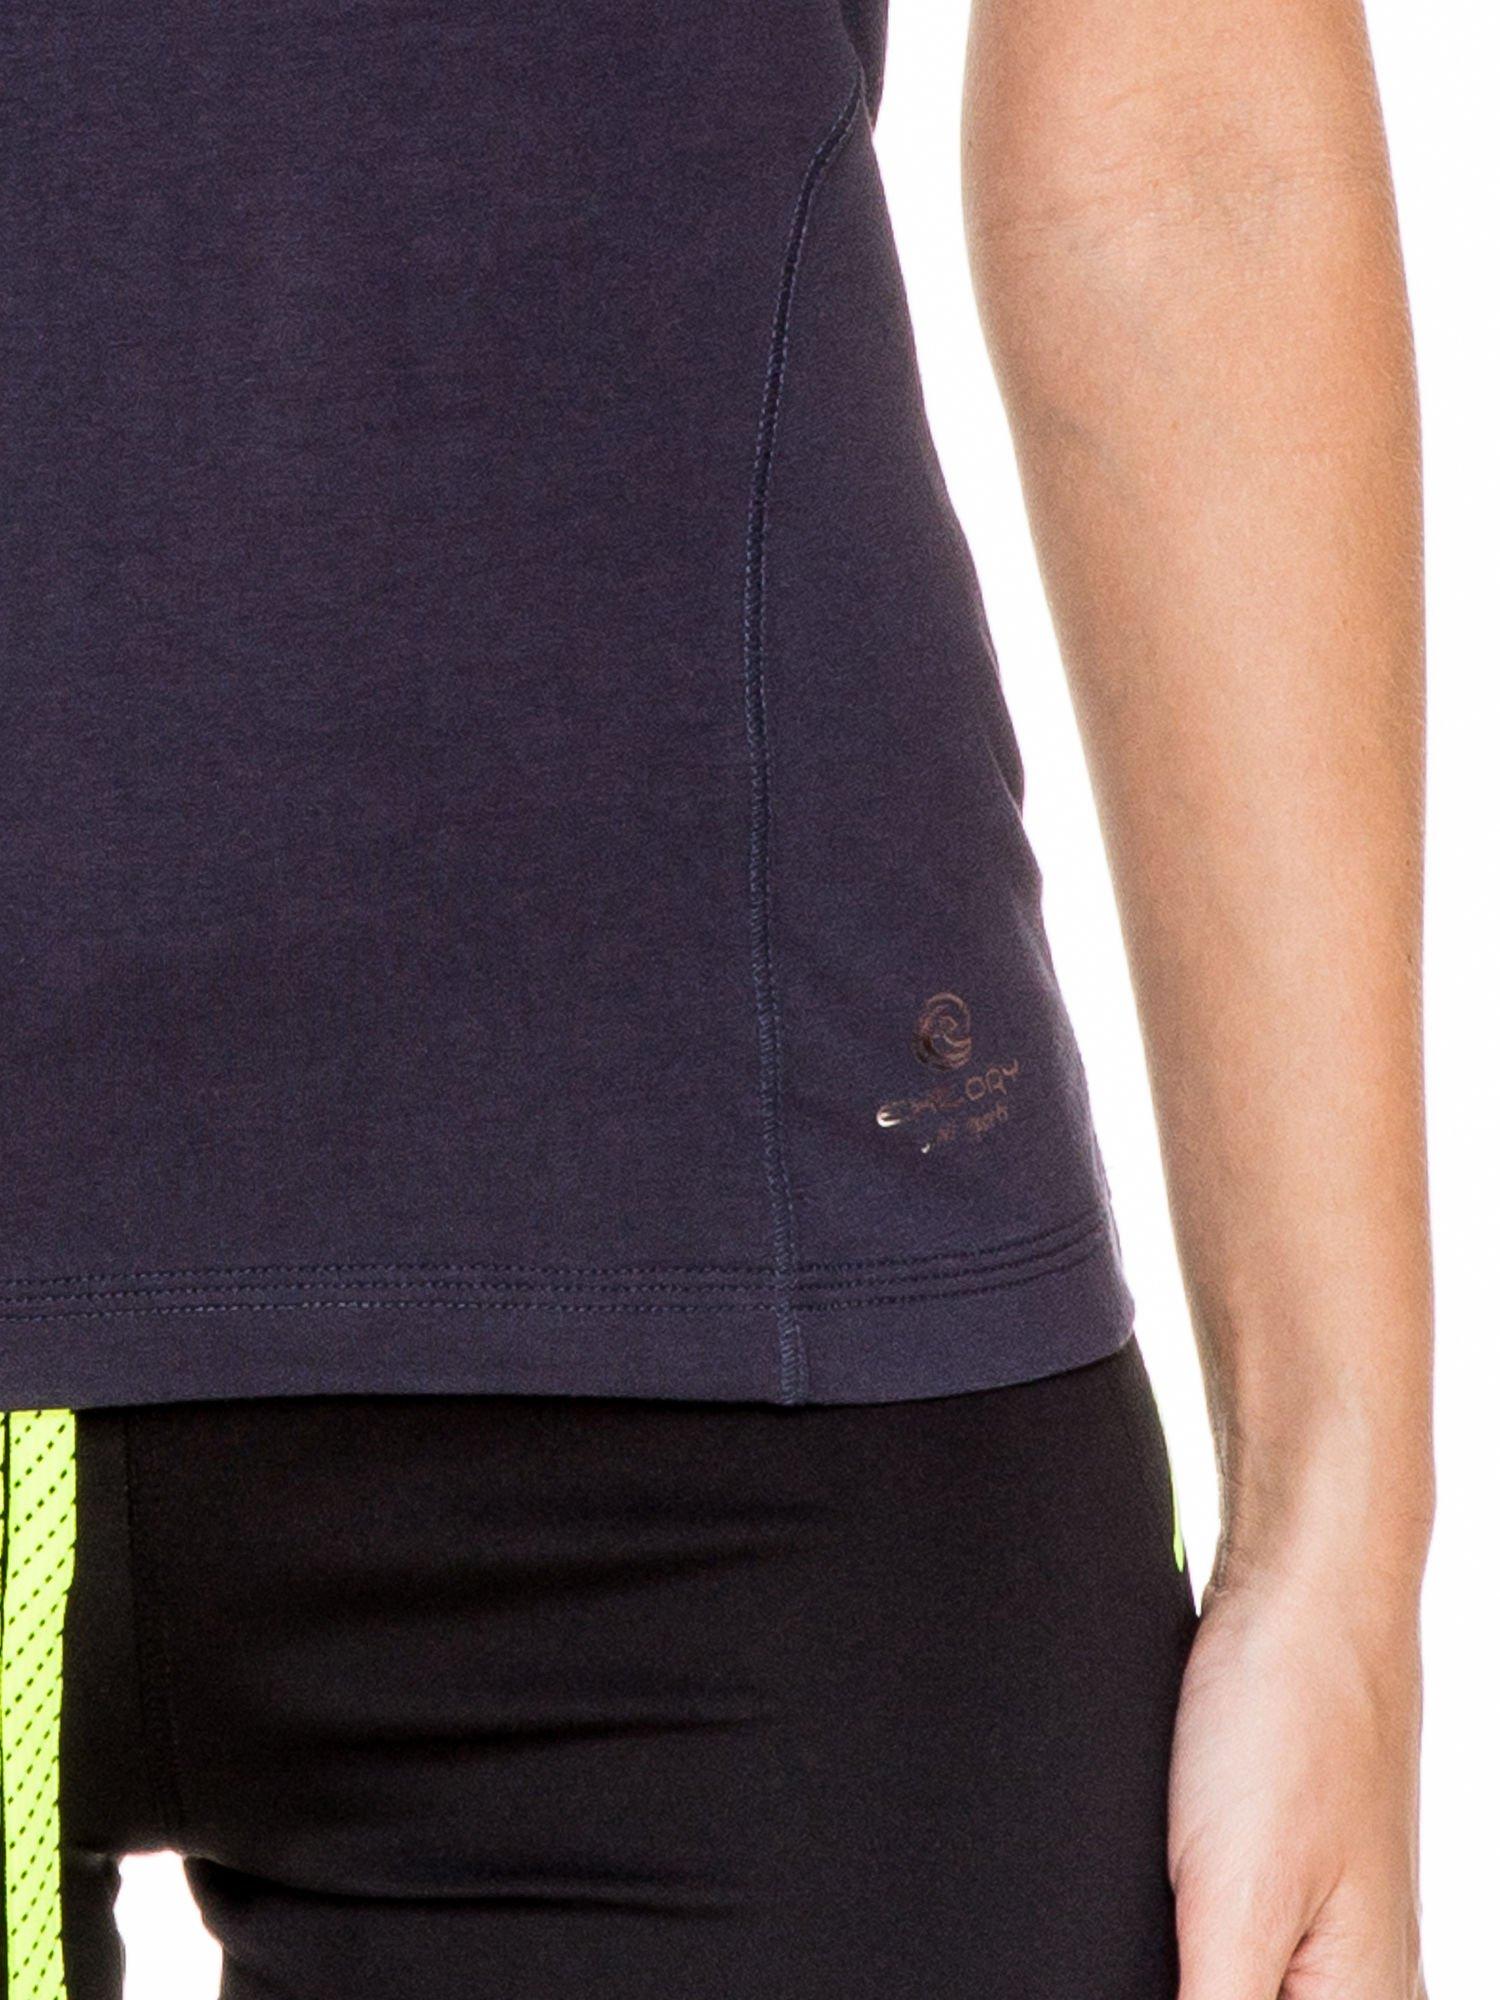 Granatowy damski t-shirt sportowy z modelującymi przeszyciami                                  zdj.                                  5